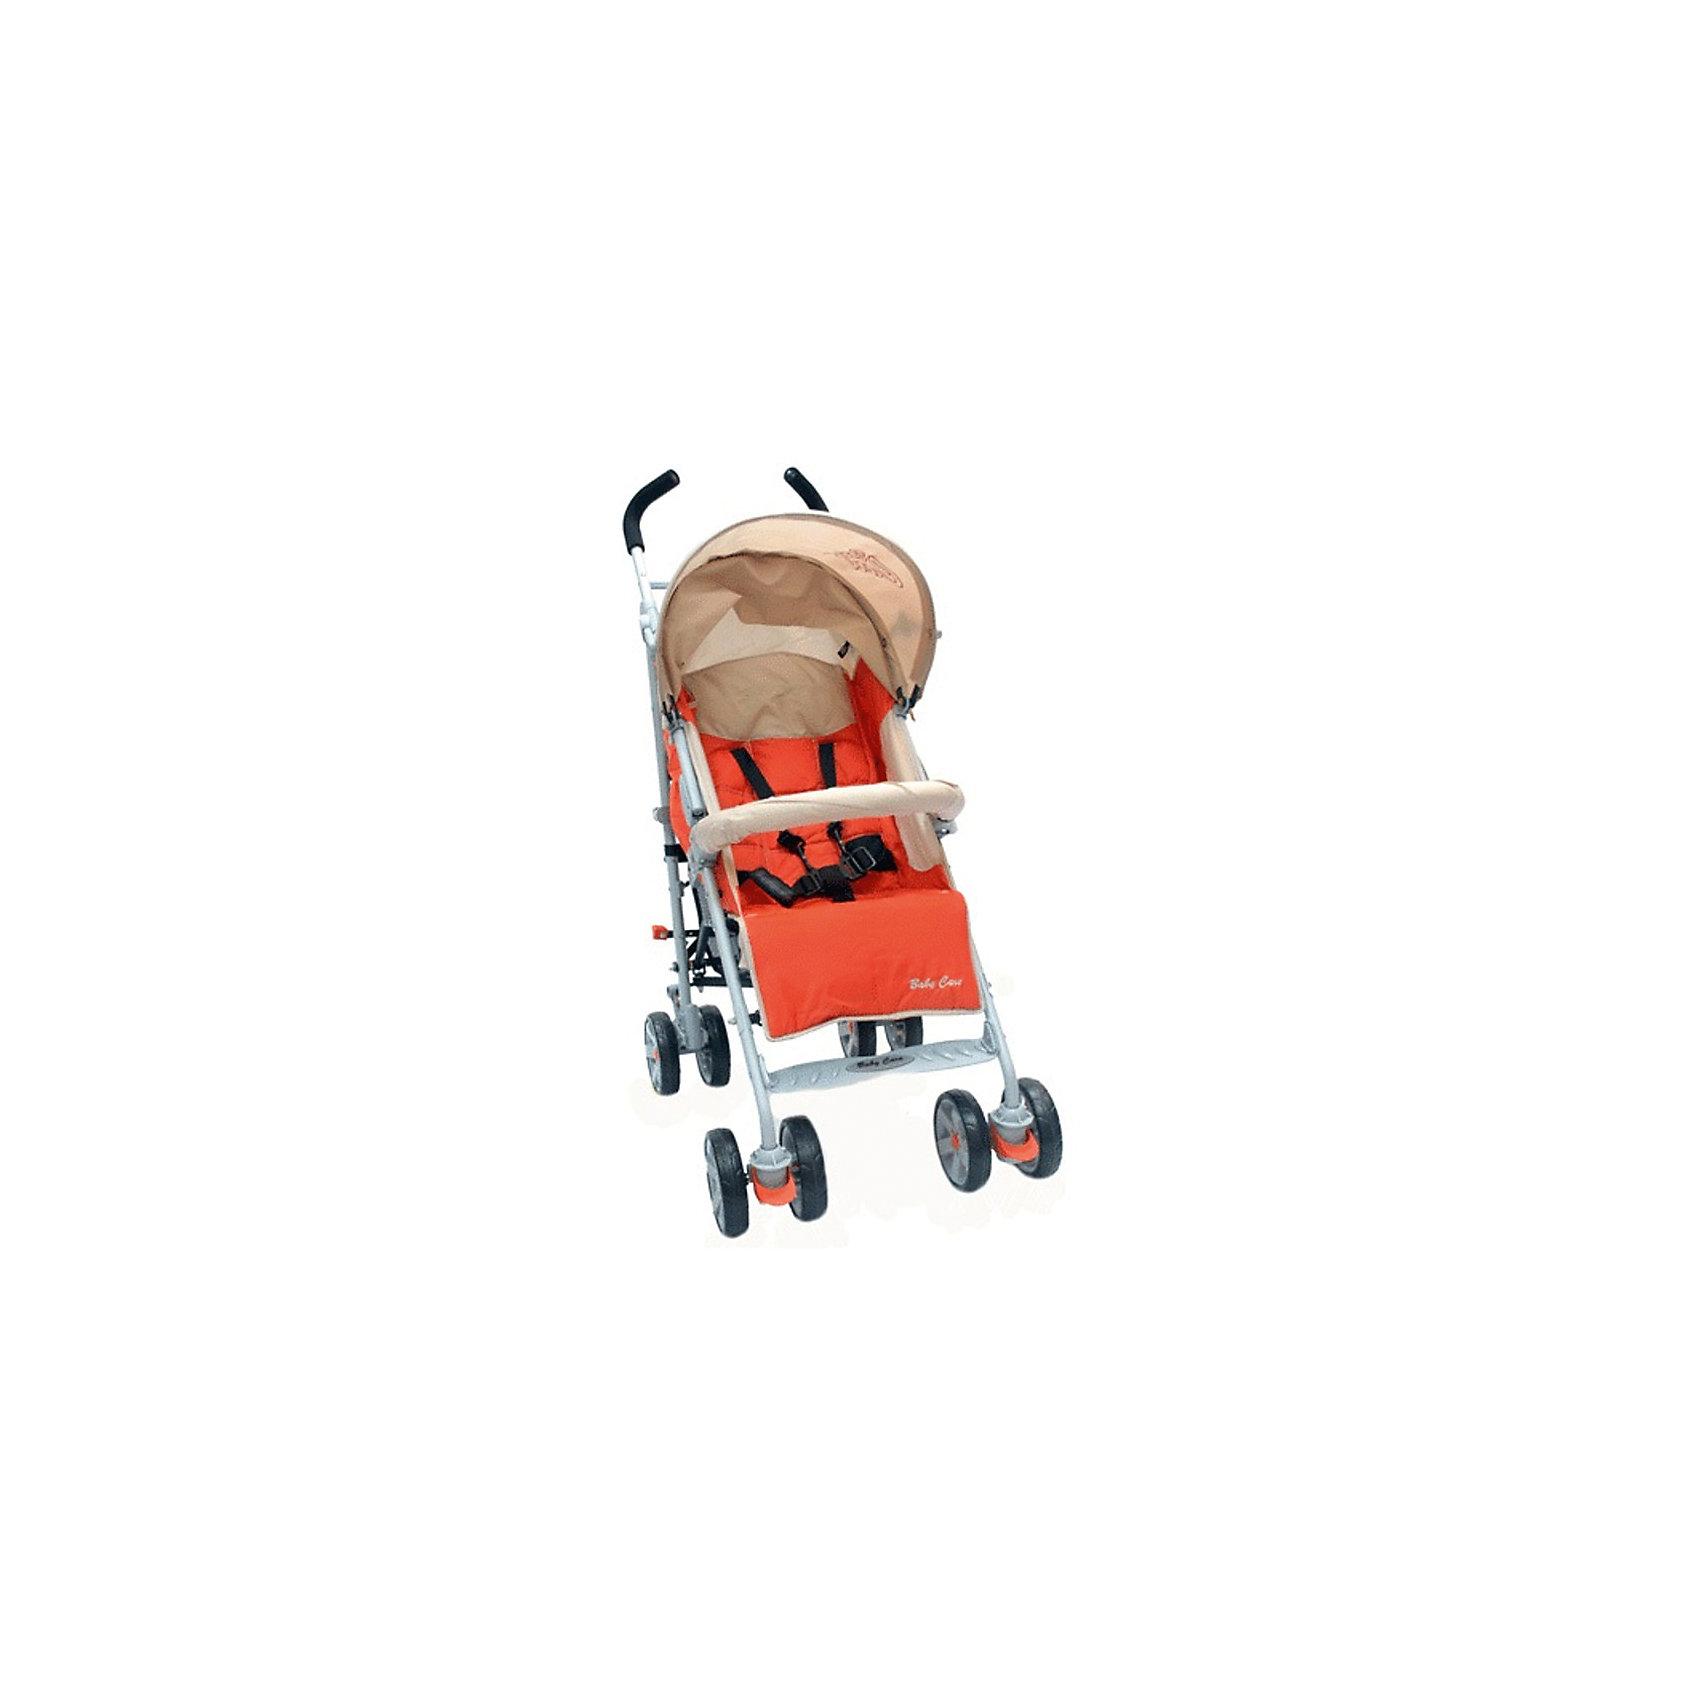 Коляска-трость Baby Care Polo 107, терракотовыйПрогулочные коляски<br>Характеристики коляски-трости:<br><br>• спинка раскладывается почти до горизонтального положения, угол наклона 170 градусов;<br>• регулируемая подножка;<br>• 5-ти точечные ремни безопасности;<br>• съемный бампер с мягкой накладкой;<br>• капюшон опускается до бампера;<br>• чехол на ножки защищает ребенка в холодное время года;<br>• дождевик защищает от осадков;<br>• сдвоенные колеса из плотной резины;<br>• передние плавающие колеса с возможностью фиксации;<br>• стояночный тормоз на задней оси;<br>• механизм складывания: трость;<br>• материал рамы: алюминий. <br><br>Размер коляски: 51х80х107 см<br>Диаметр колес:15 см<br>Ширина колесной базы:51 см <br>Вес коляски: 8,5 кг <br>Длина спального места: 80 см<br>Ширина сиденья: 33 см<br>Высота спинки: 52 см <br>Высота до ручки: 107 см<br>Размер упаковки: 108х30х20 см<br>Вес в упаковке: 9,8 кг<br><br>Коляска Baby Care Polo подходит для городских прогулок и для выездов на природу. Хороший вариант «походной» коляски. В сложенном виде не занимает много места в транспорте. Коляска достаточно проходима, чтобы ездить и по асфальту, и по траве. Кроме этого, весь прочий функционал тростей доступен и в этой модели. Спинка раскладывается до лежачего положения, подножка регулируется по высоте, а капюшон может опускаться до бампера.<br><br>Коляску-трость Polo 107, Baby Care, цвет терракотовый можно купить в нашем интернет-магазине.<br><br>Ширина мм: 1080<br>Глубина мм: 300<br>Высота мм: 200<br>Вес г: 9800<br>Возраст от месяцев: 6<br>Возраст до месяцев: 48<br>Пол: Унисекс<br>Возраст: Детский<br>SKU: 5513644